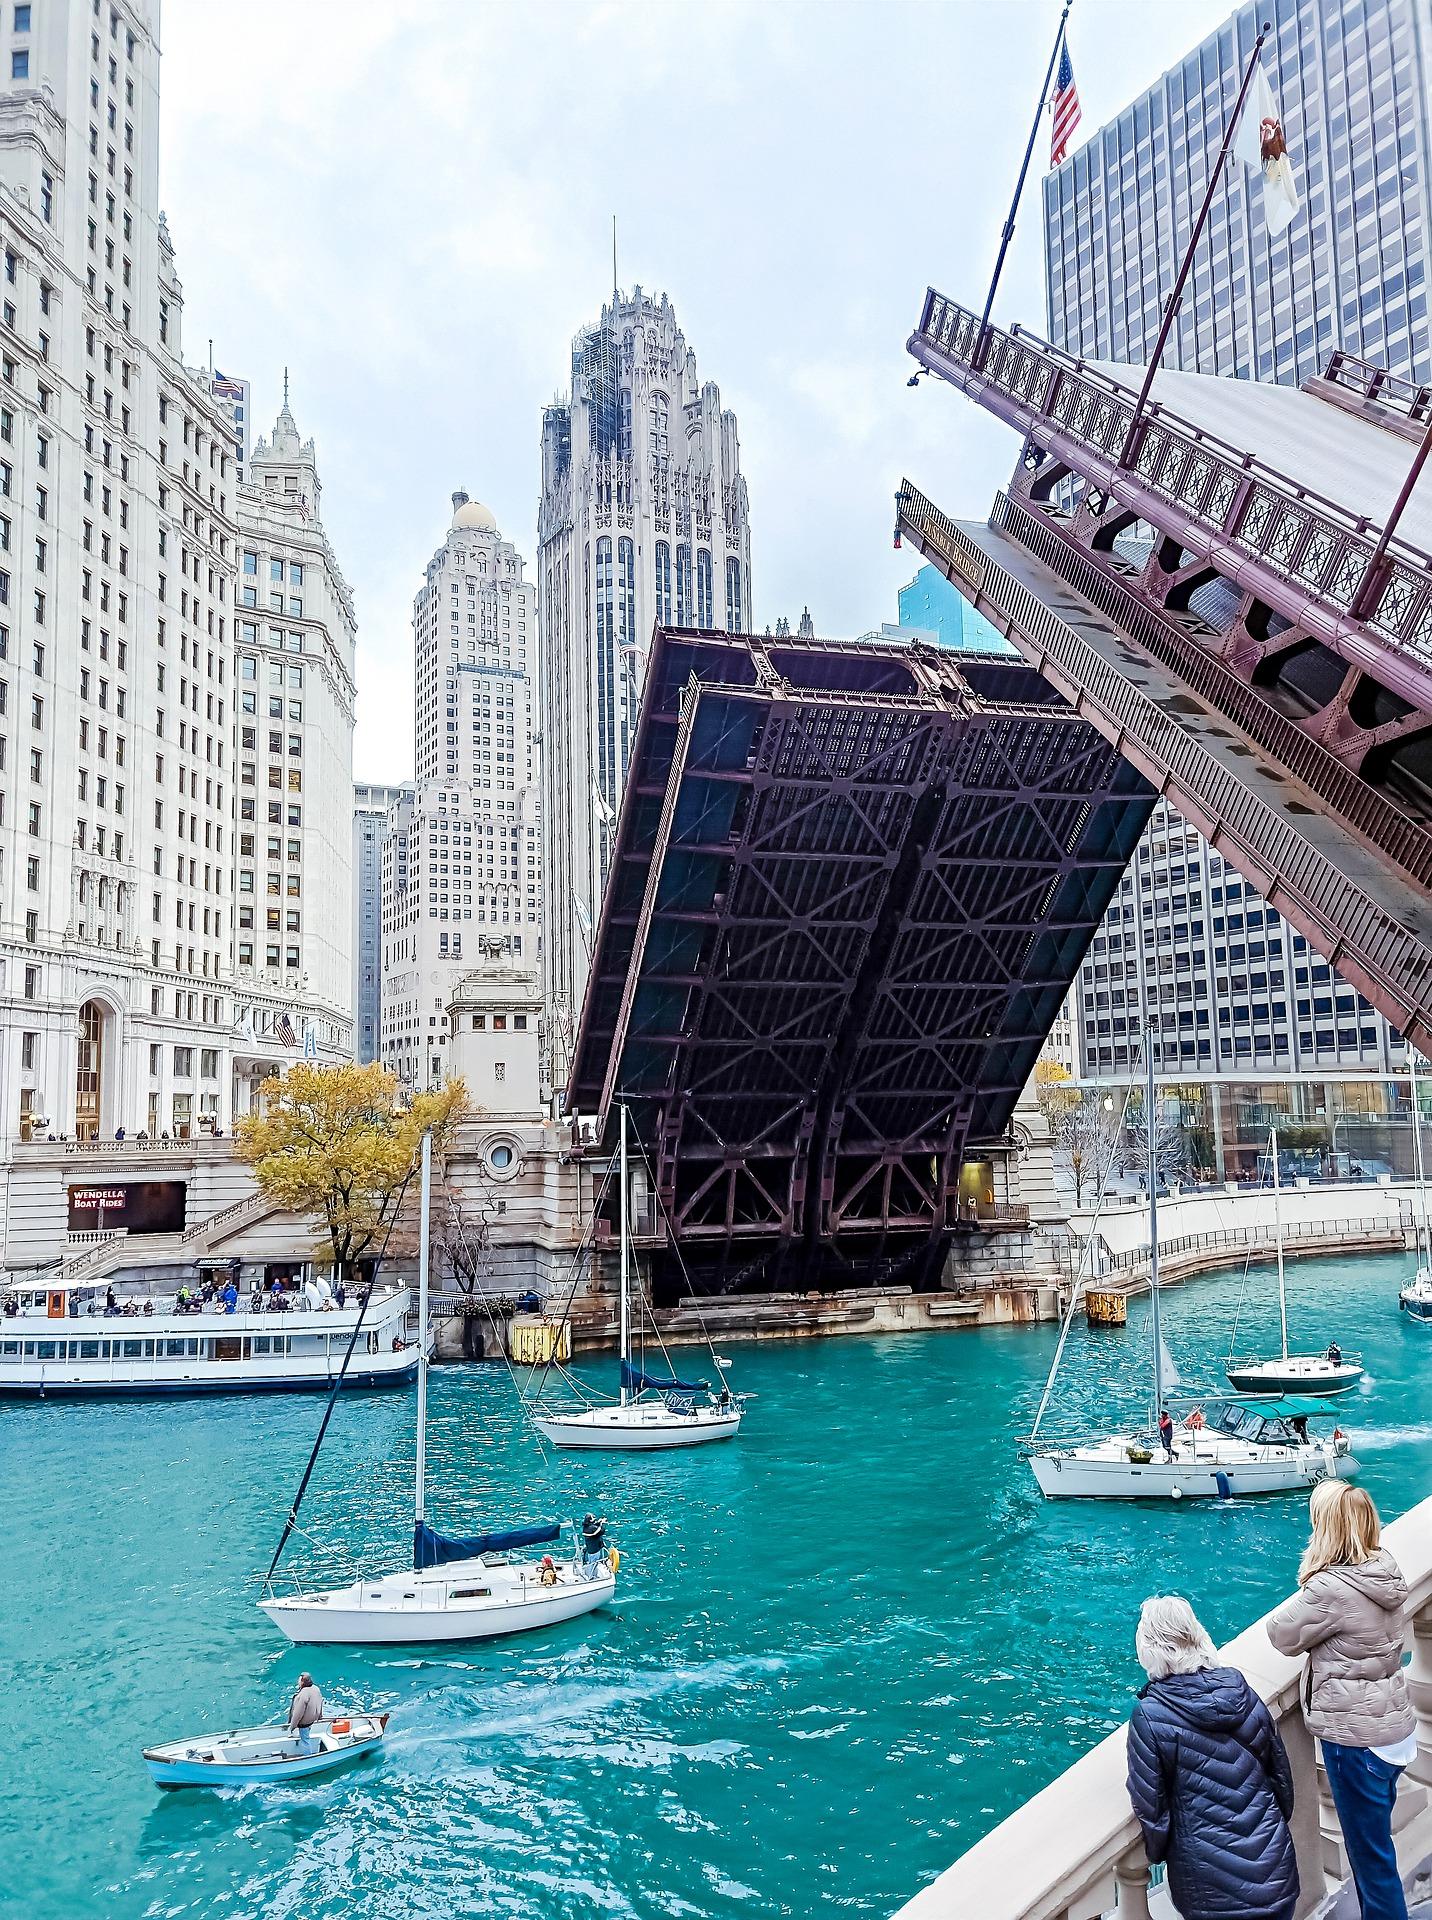 Bridge In Chicago